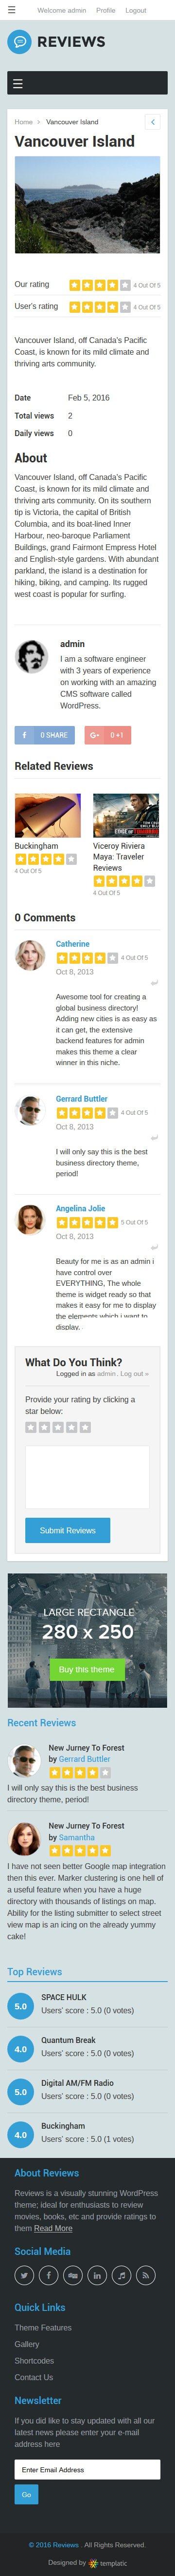 Mobile Friendly Reviews Theme